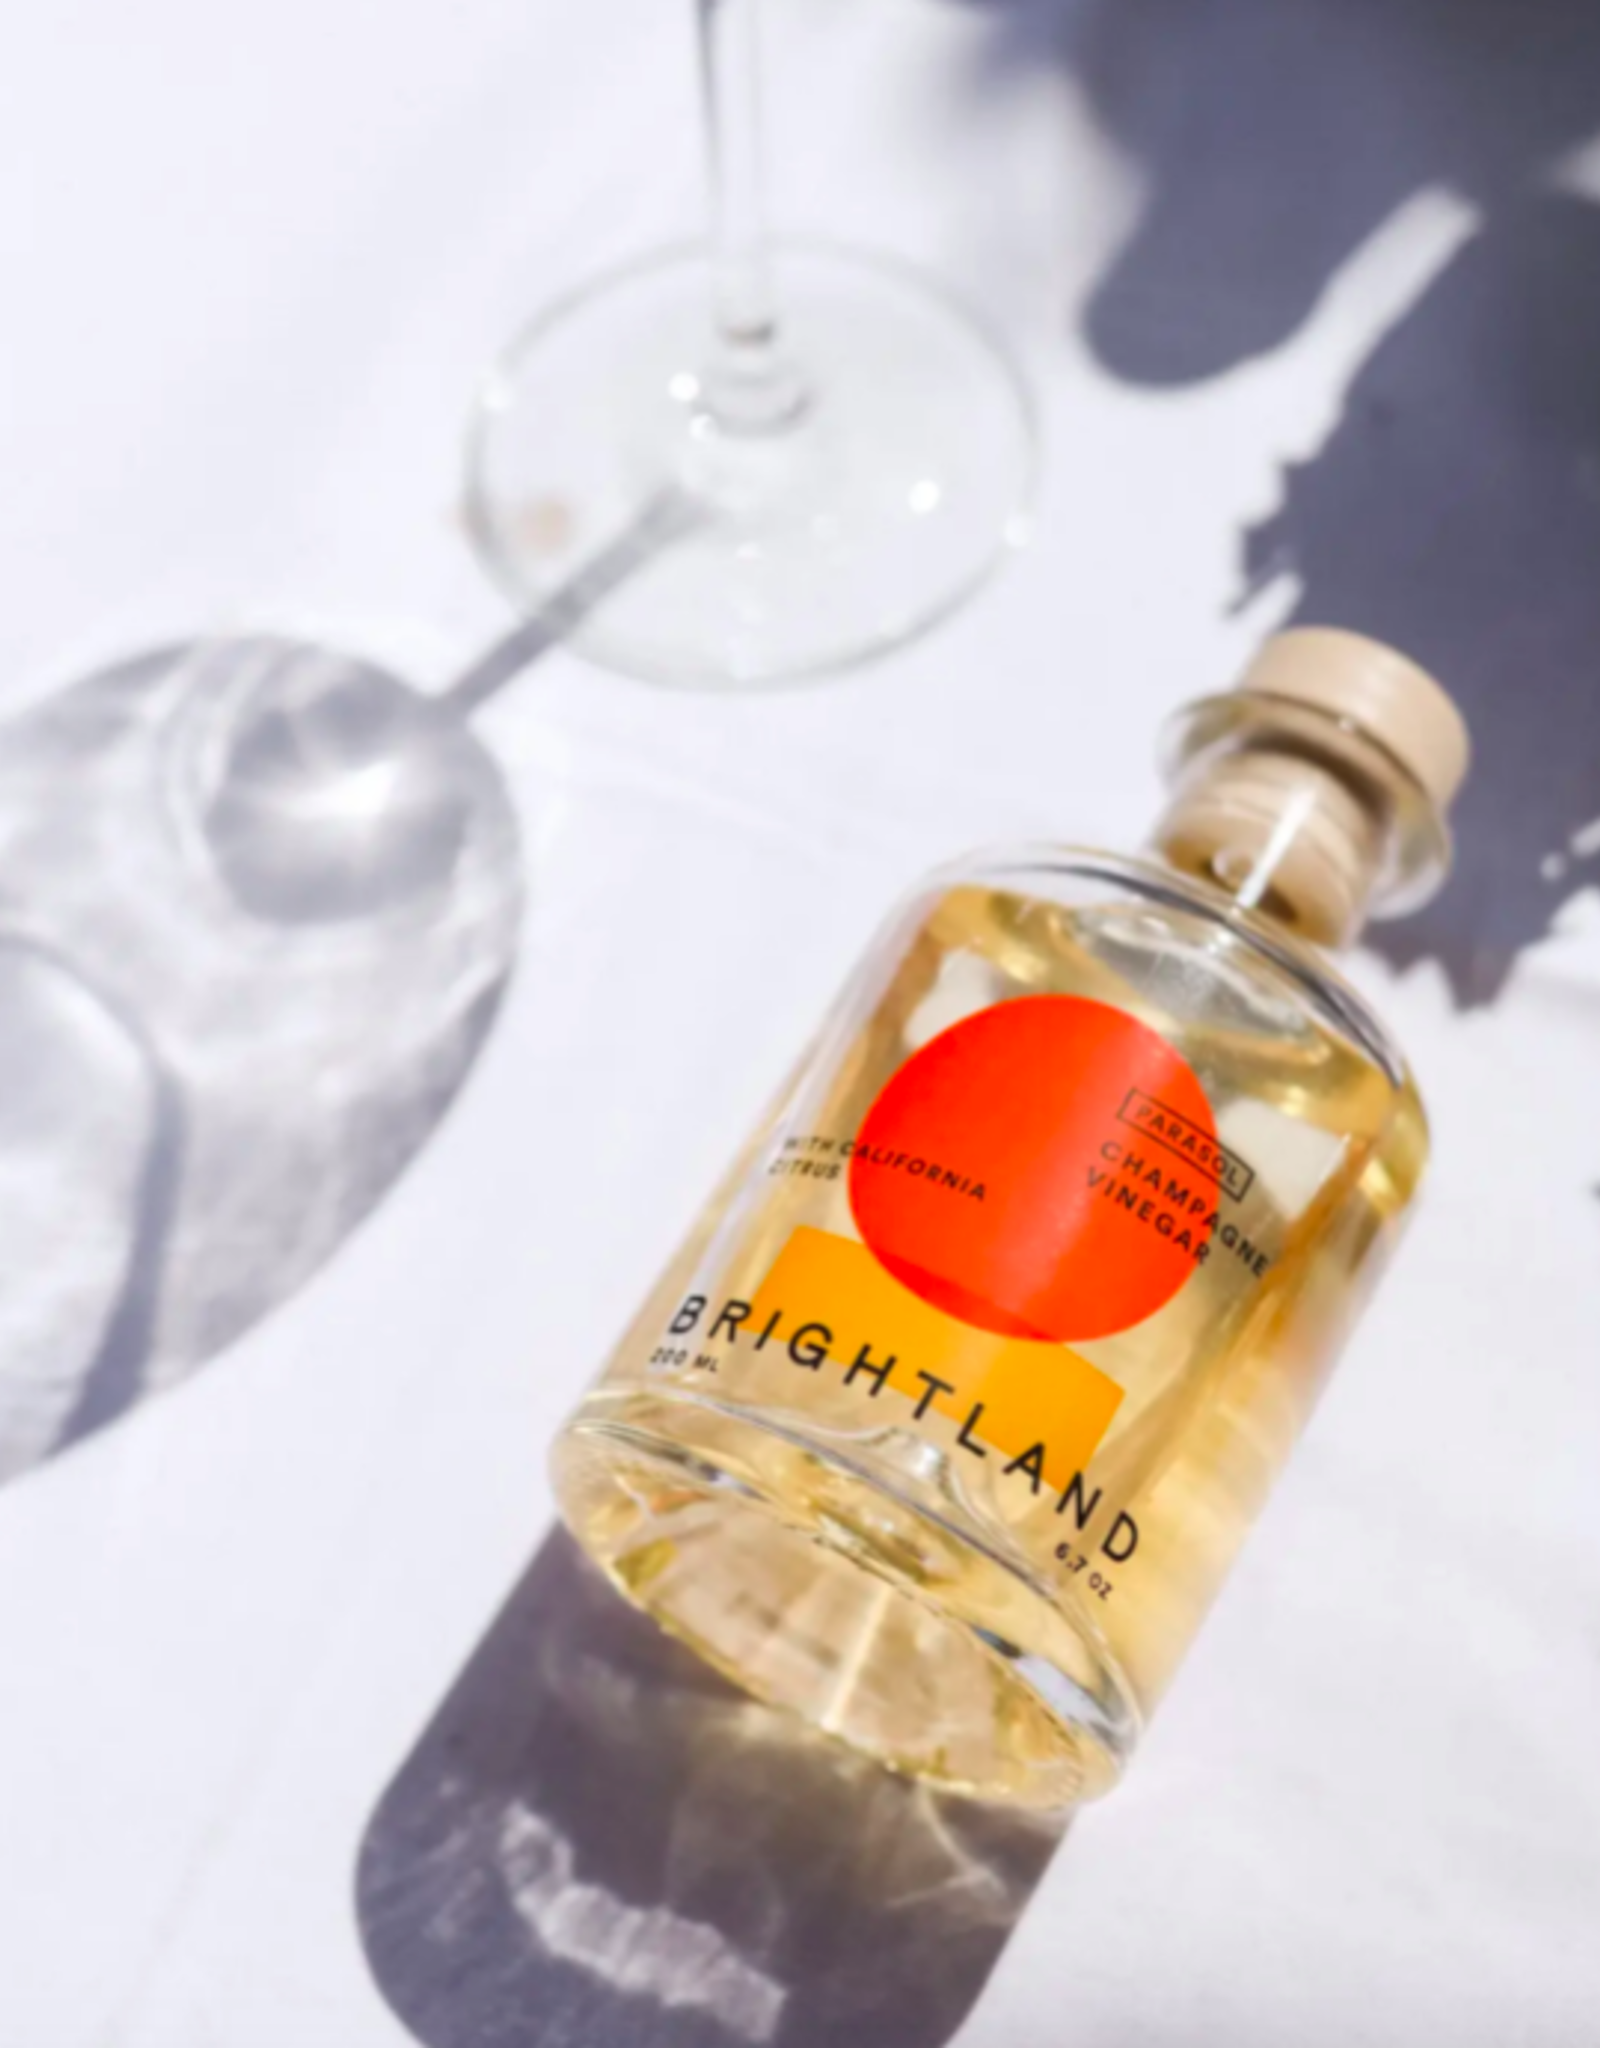 PARASOL Citrus Champagne Vinegar